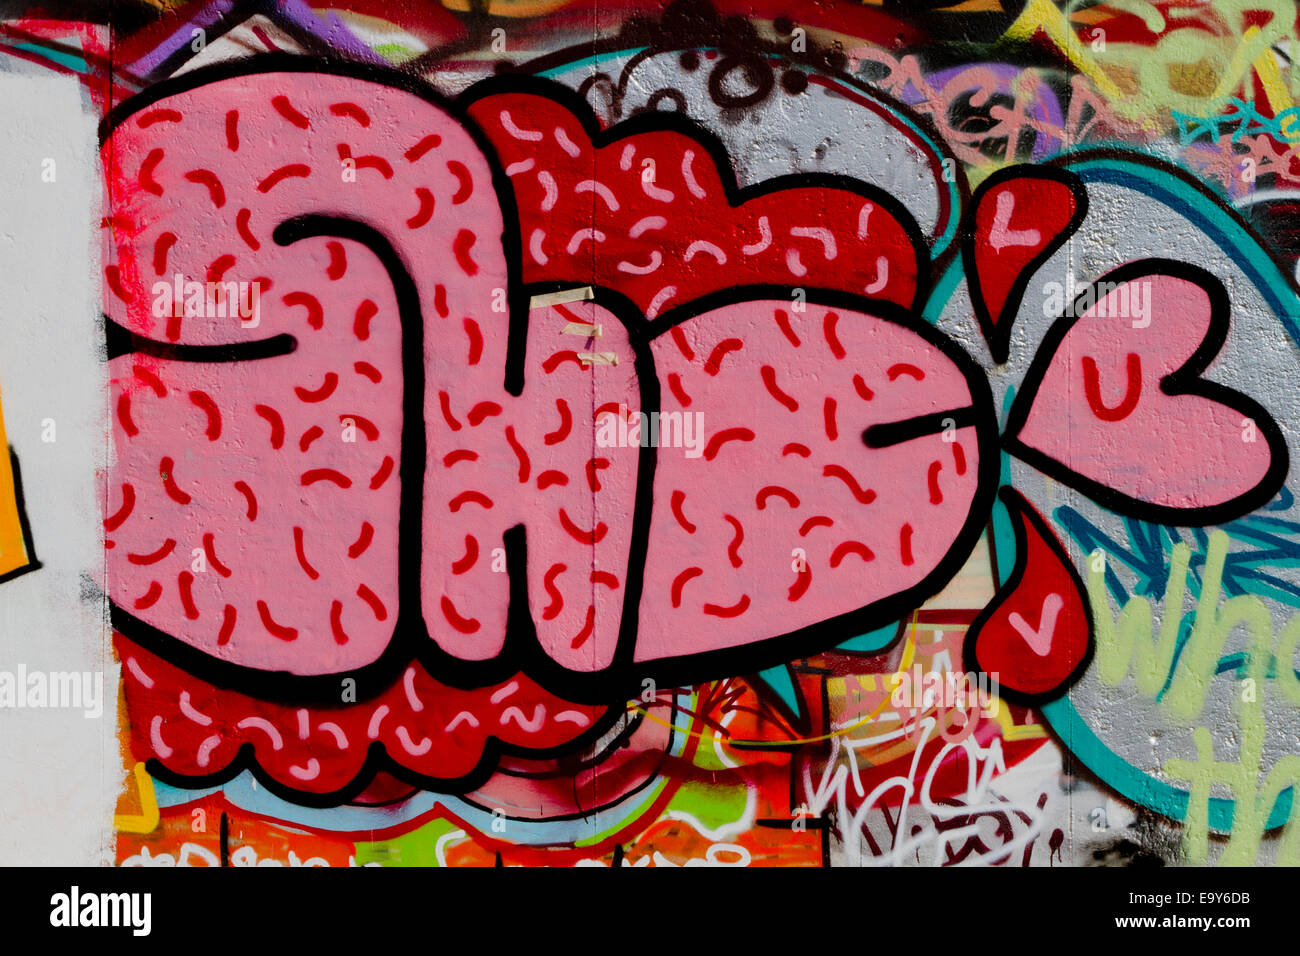 Berlin Wall Graffiti Urban Colour Stock Photos & Berlin Wall ...